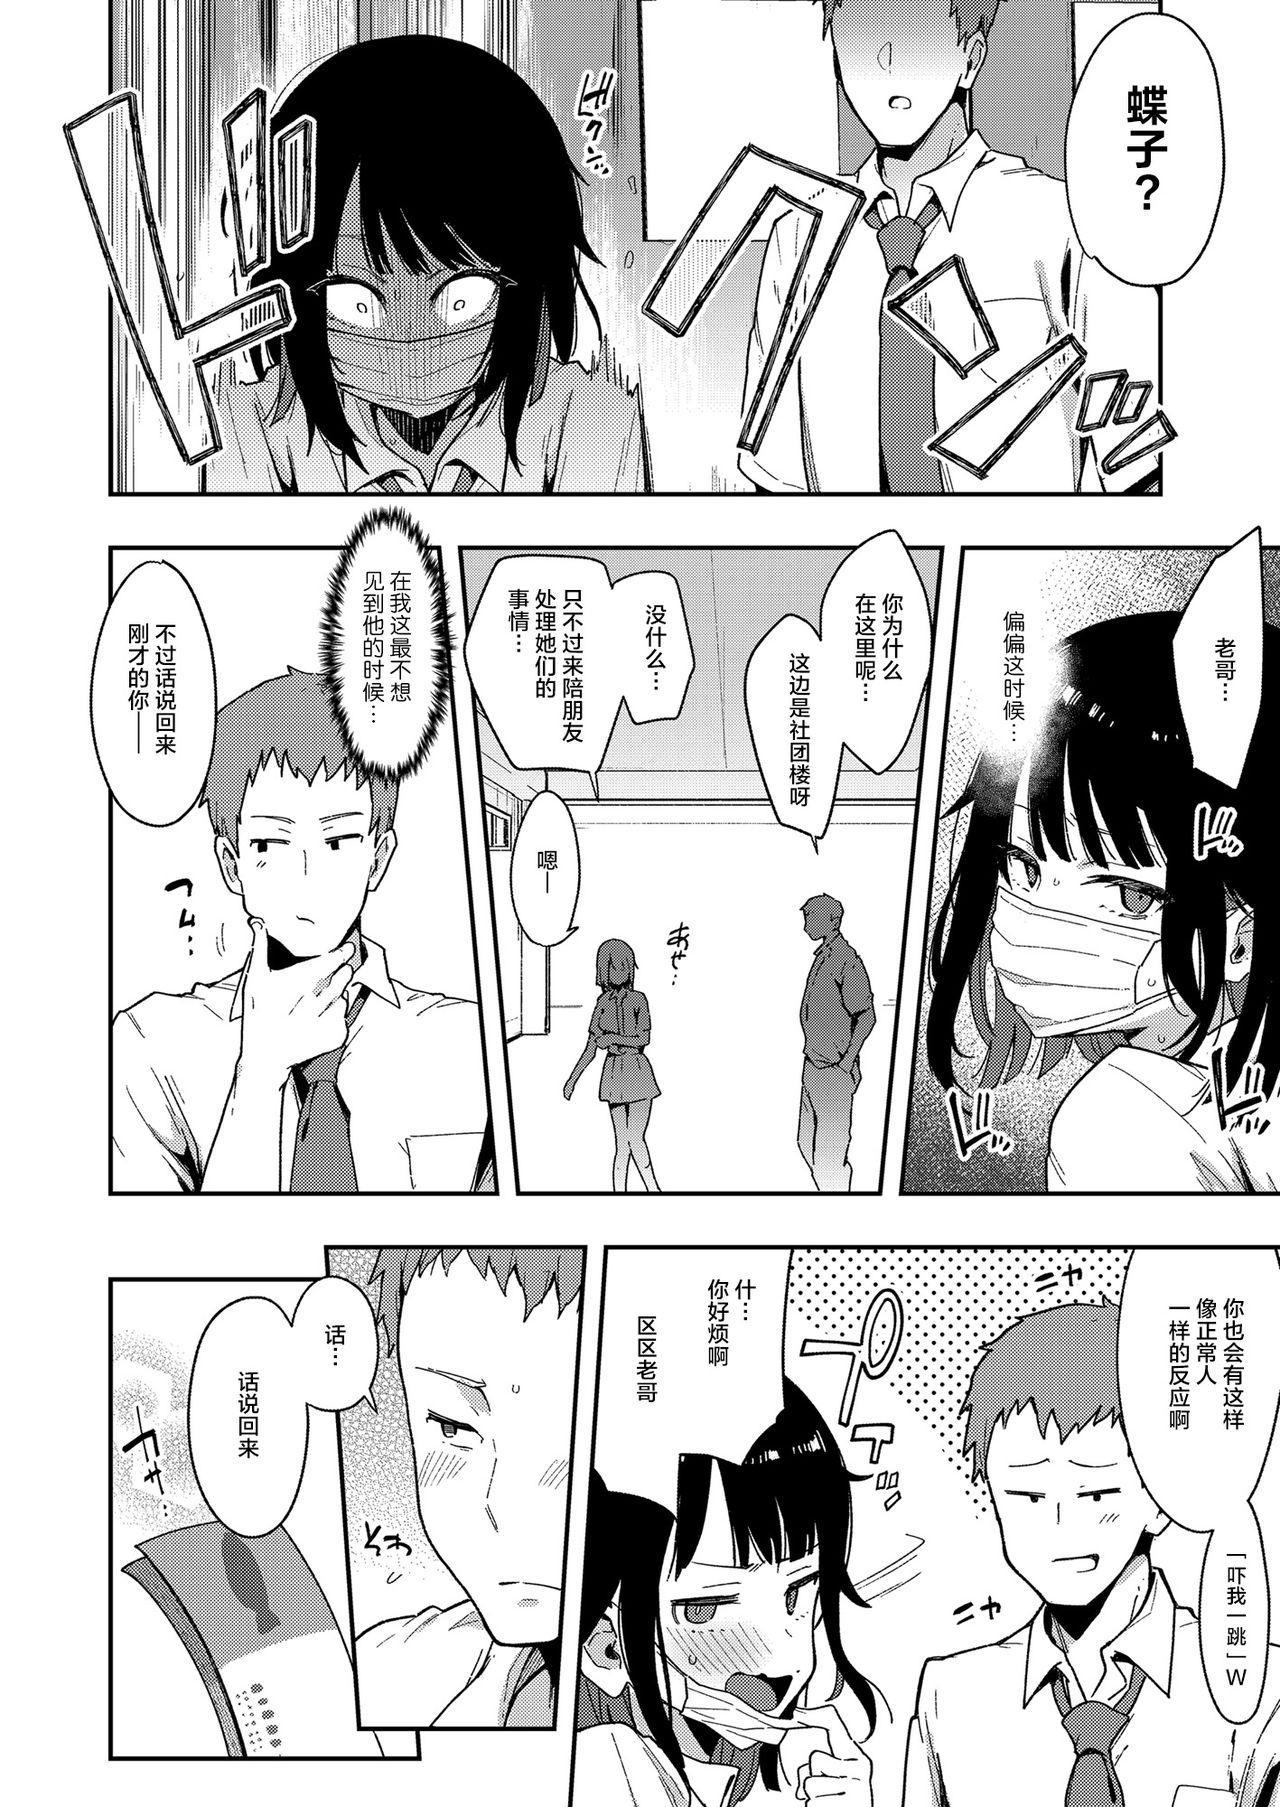 Chouko III Akuyuu Ijou Koibito Miman no Osananajimi ga Shiranai Tokoro de Yarichin ni Hamerare Seirinri o Kanzen Hakai sareru made 19